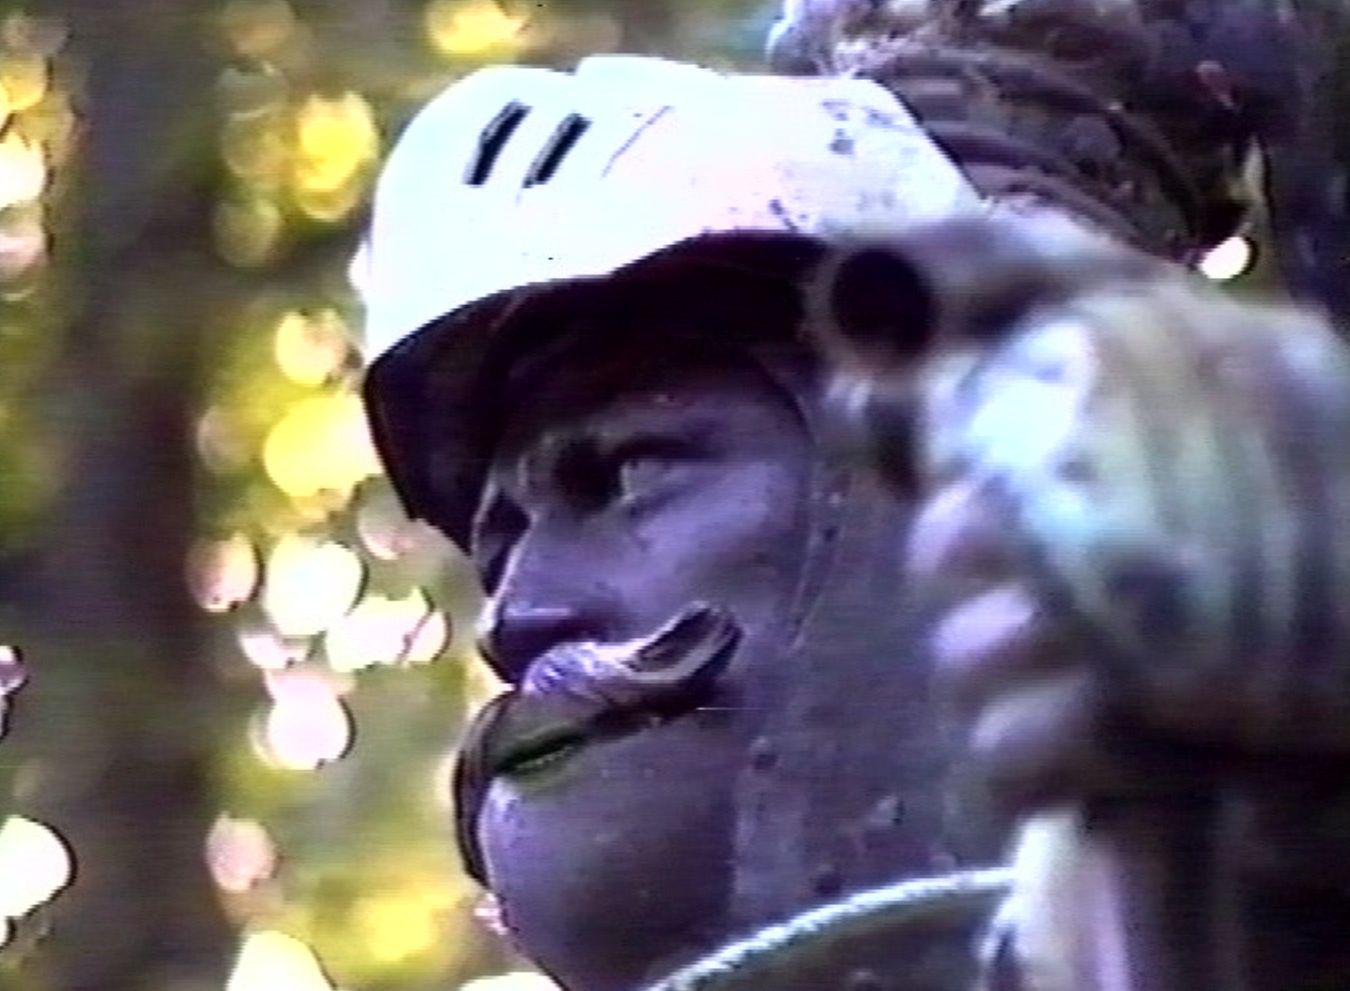 Reiterfiguren im Zwiegespräch: Für seine Animationssequenz hat John Rothwell die beiden Herolde animiert - man beachte Lippen und Zähne. Quelle: Bremen History